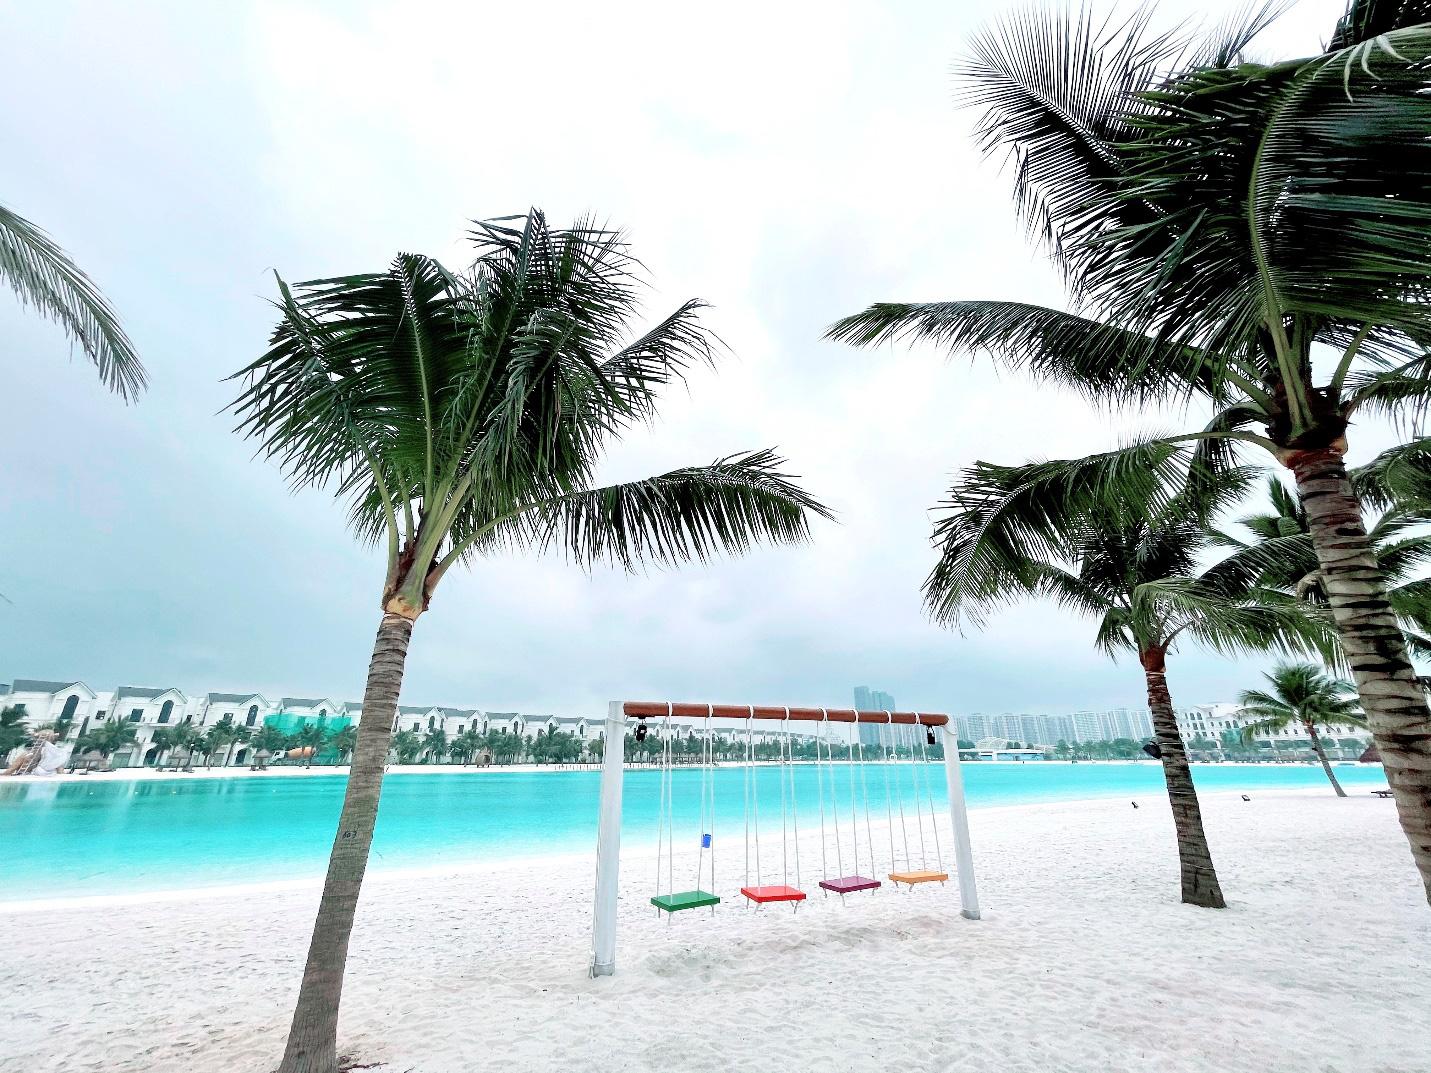 Biển hồ nước mặn Vinhomes Ocean Park - điểm đến hấp dẫn nhất Hà Nội dịp nghỉ lễ 30/4 này - Ảnh 1.